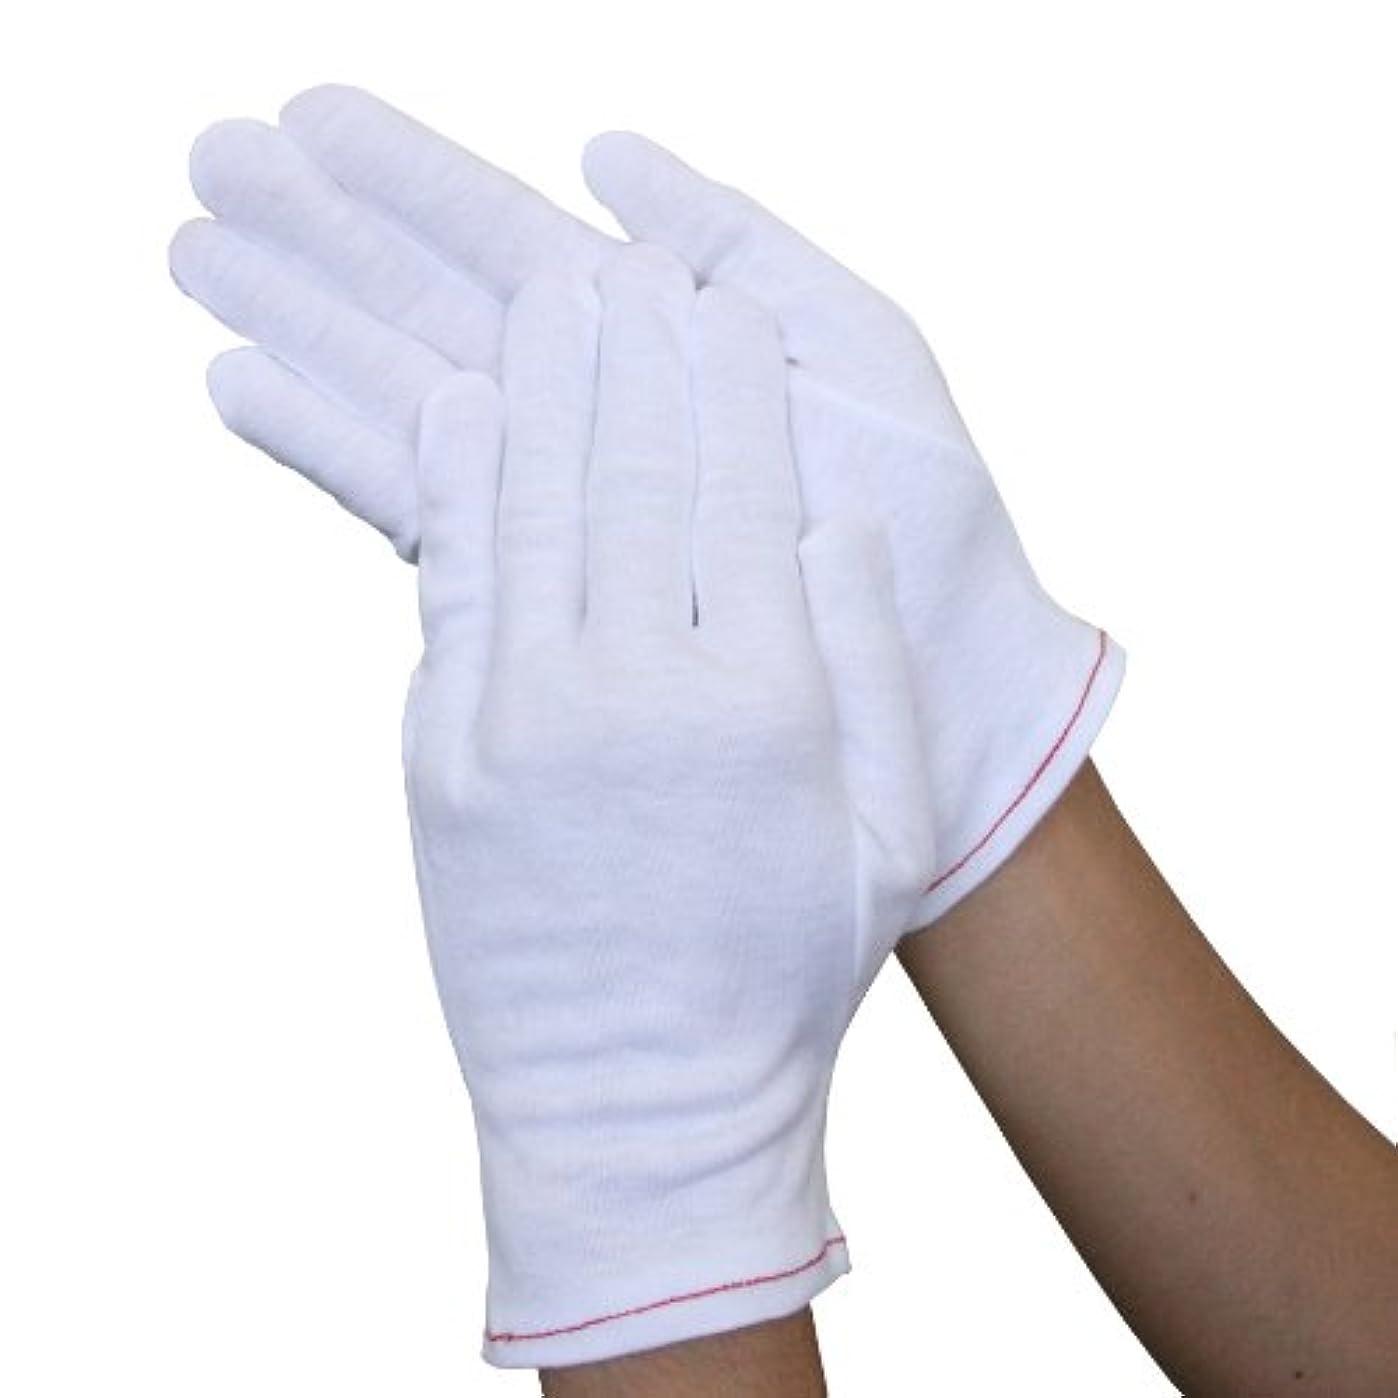 ヒョウ選択する平均ウインセス 【心地よい肌触り/おやすみ手袋】 綿100%手袋 (2双) (M)